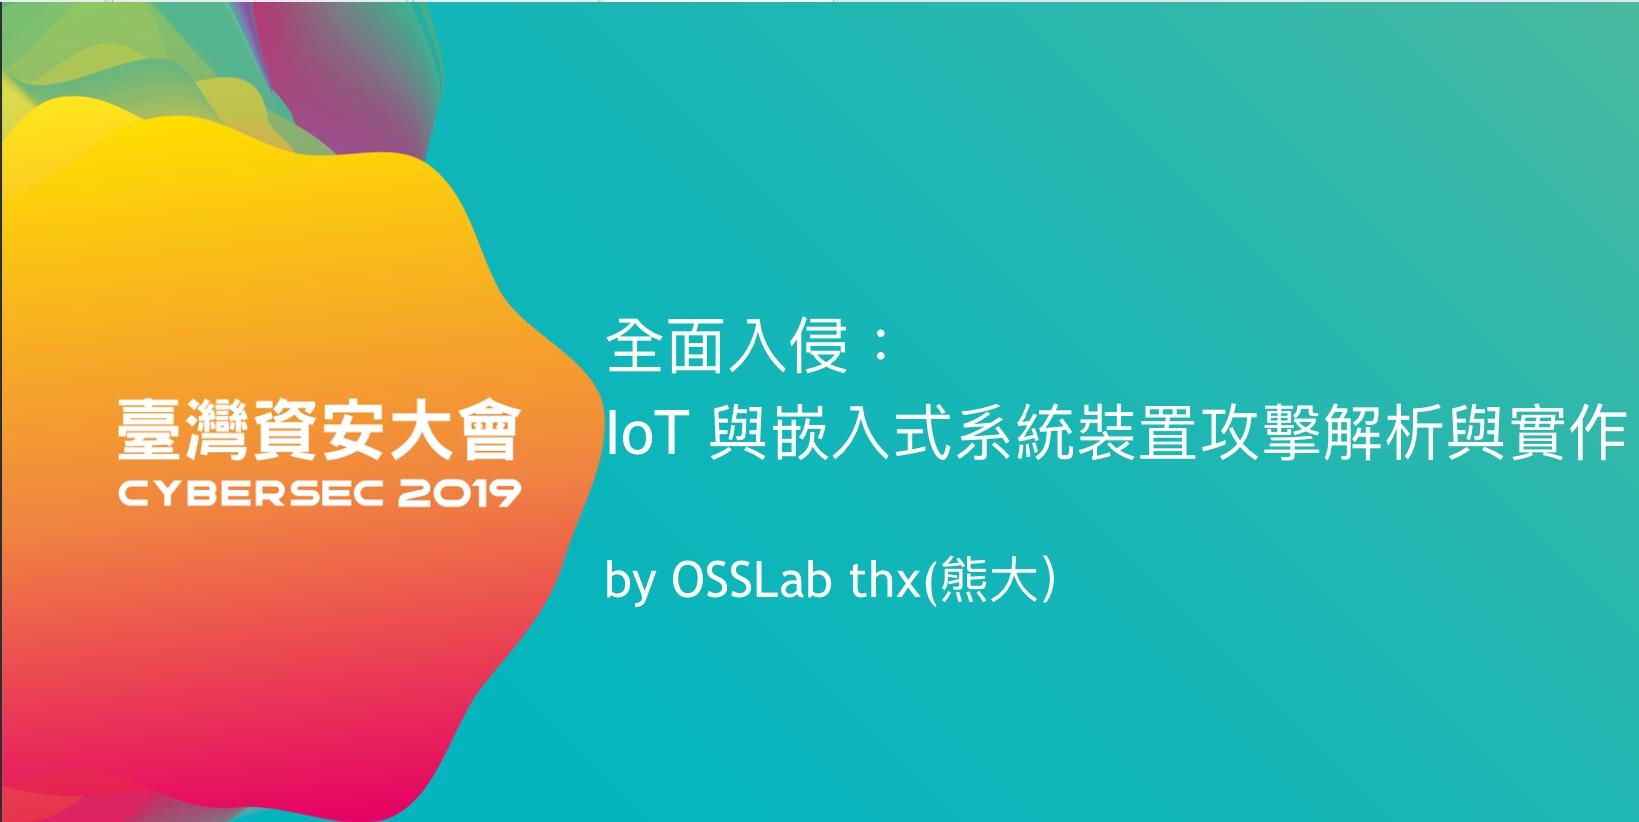 2019 iThome資安大會:全面入侵IoT與嵌入式系統攻擊解析與實作